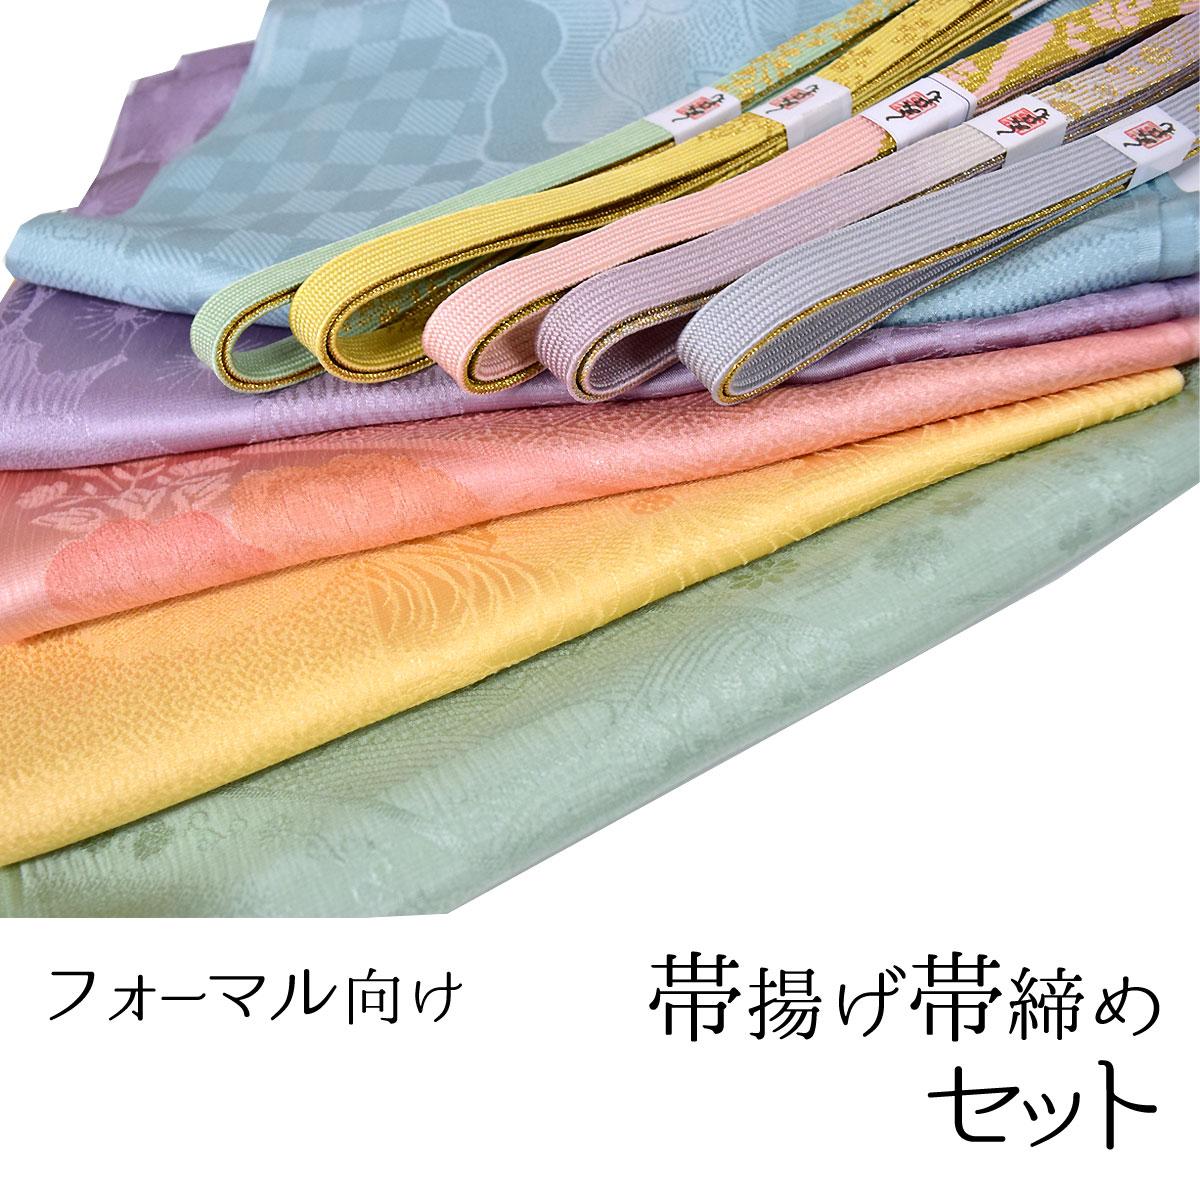 【 選べる 】【 正絹 】【 フォーマル 】 帯揚げ 帯締め セット 【 平組 】【 礼装 】番号d1102-hira